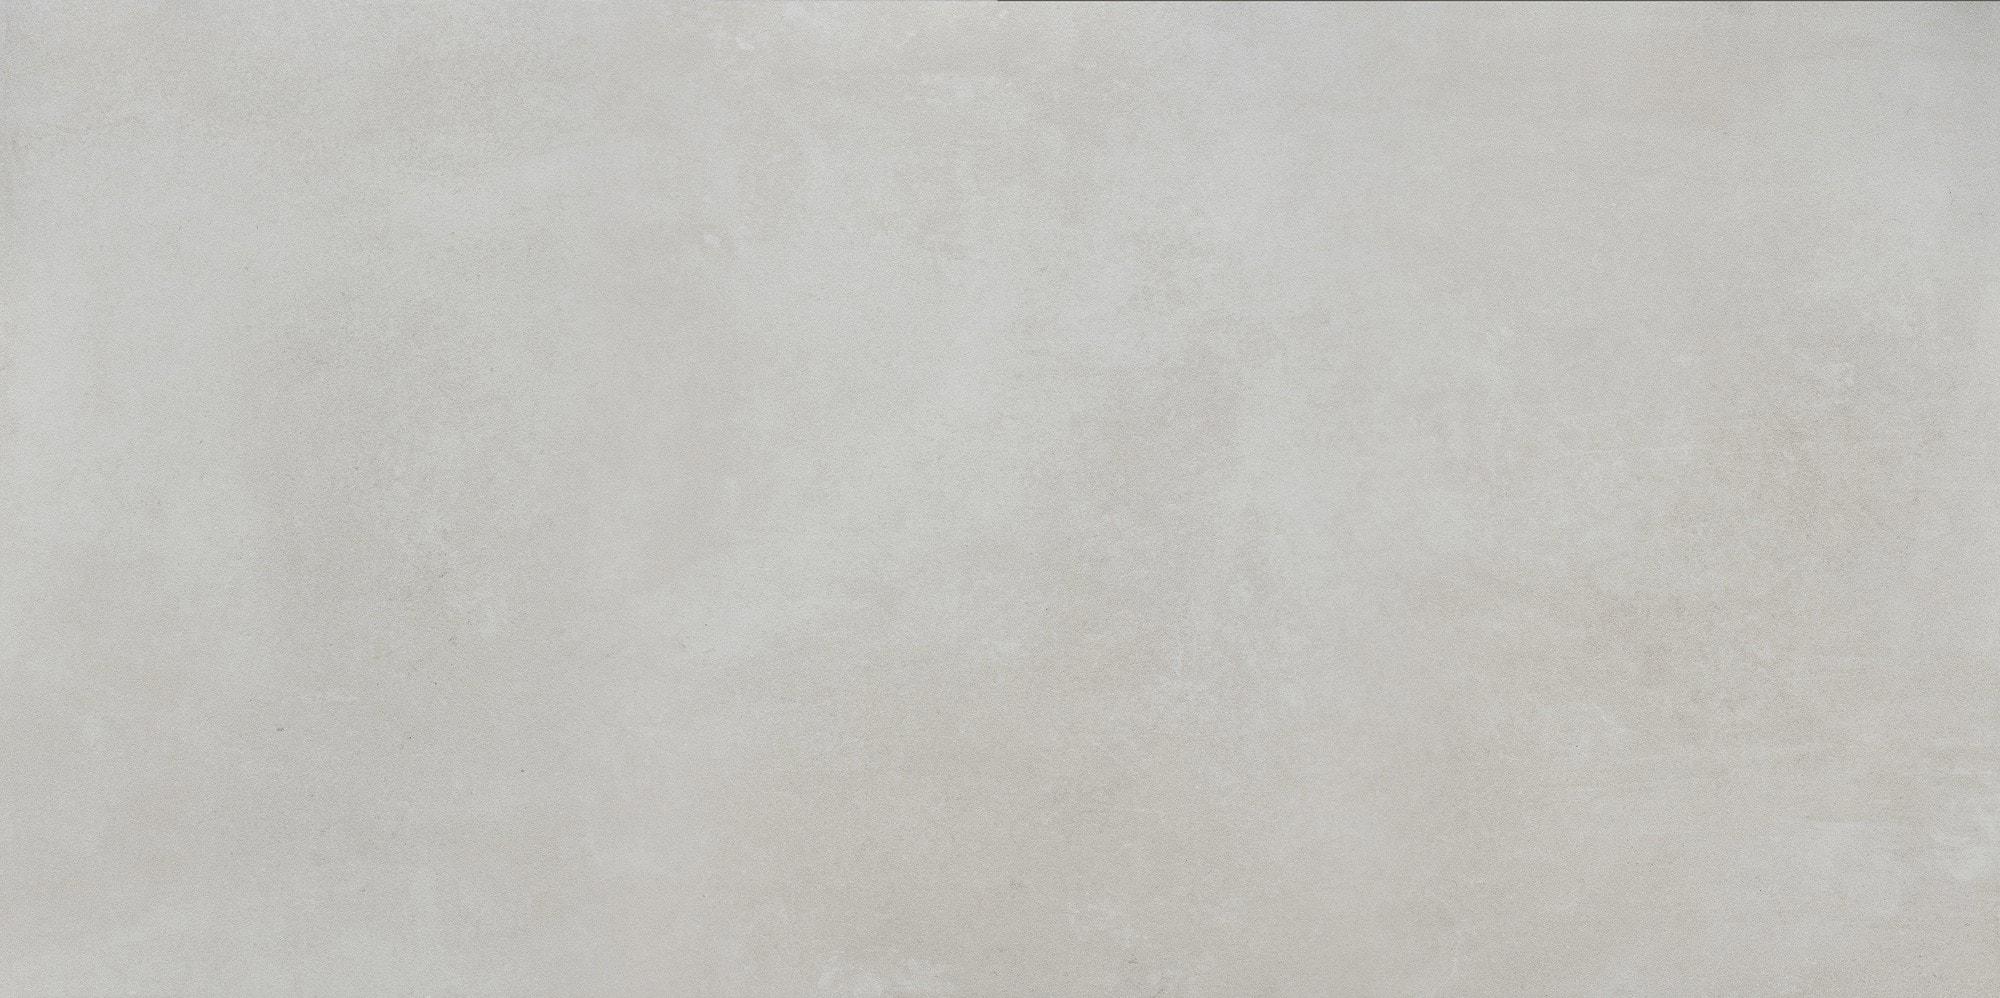 Płytka podłogowa Cerrad Tassero Bianco 1197x597x10mm 20833